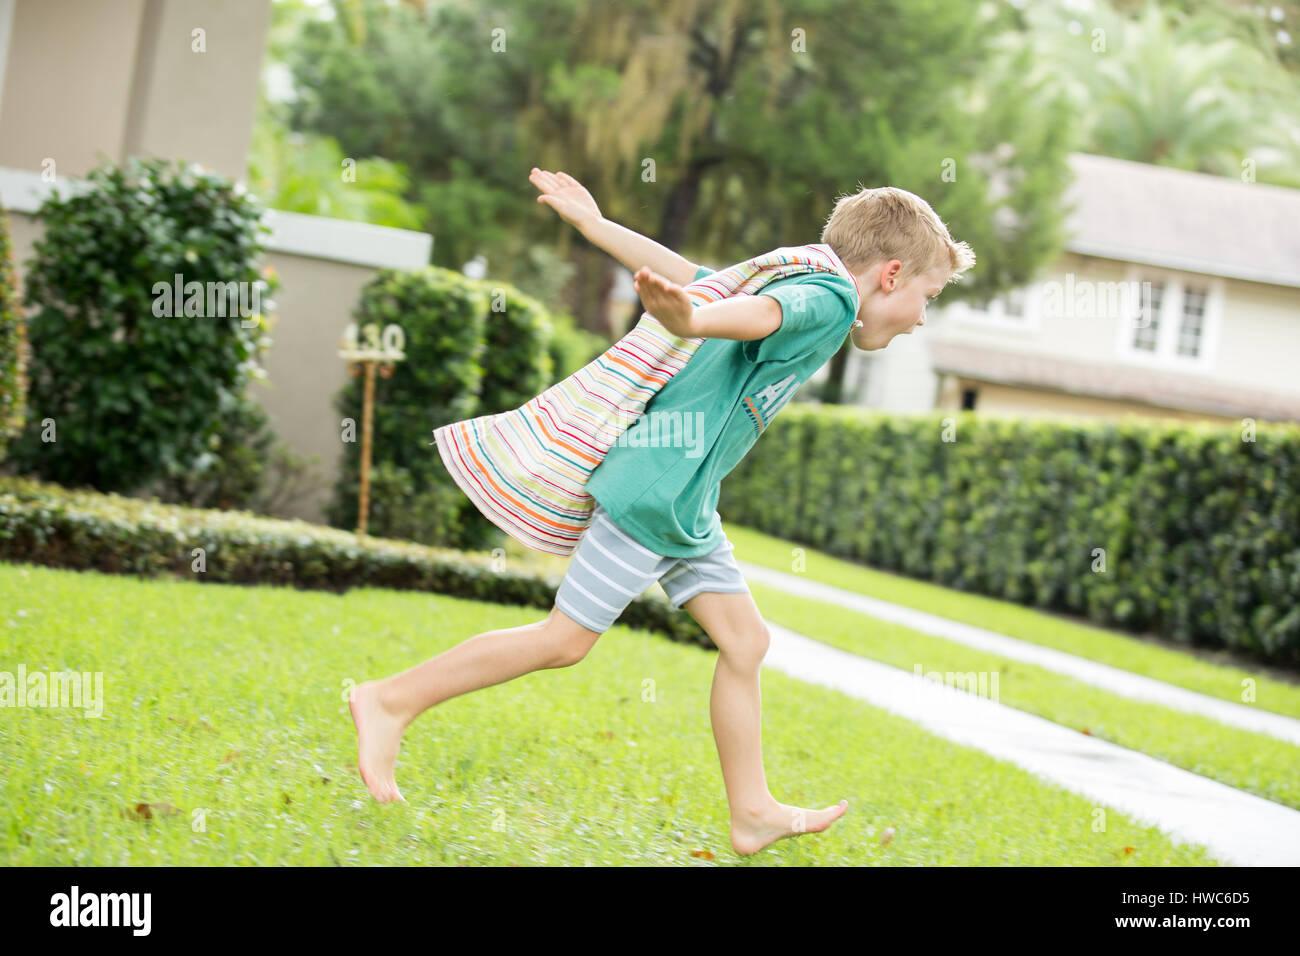 Boy dressed up like superhero - Stock Image